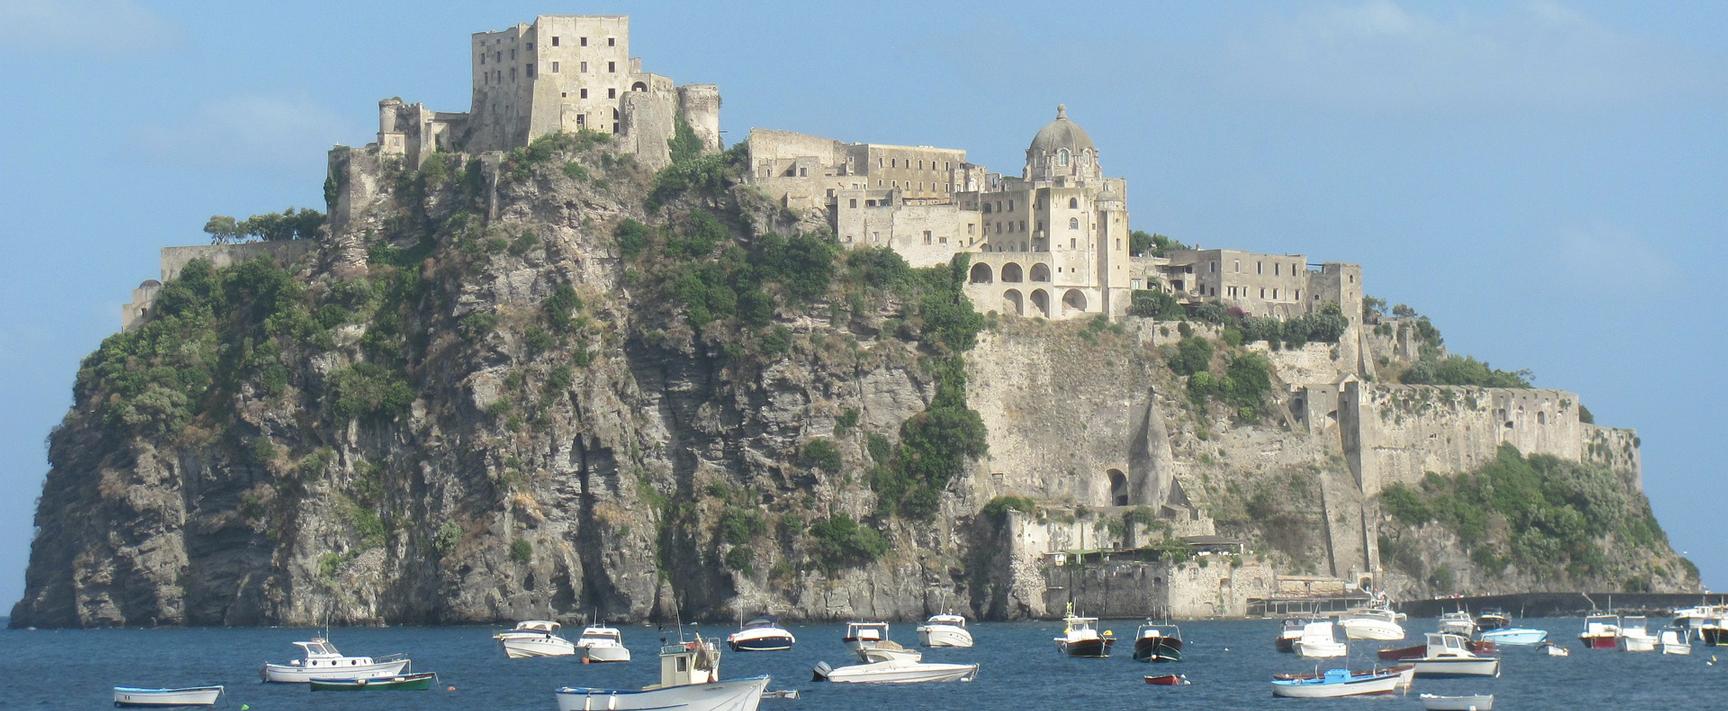 Vakantie in Italië: Ischia